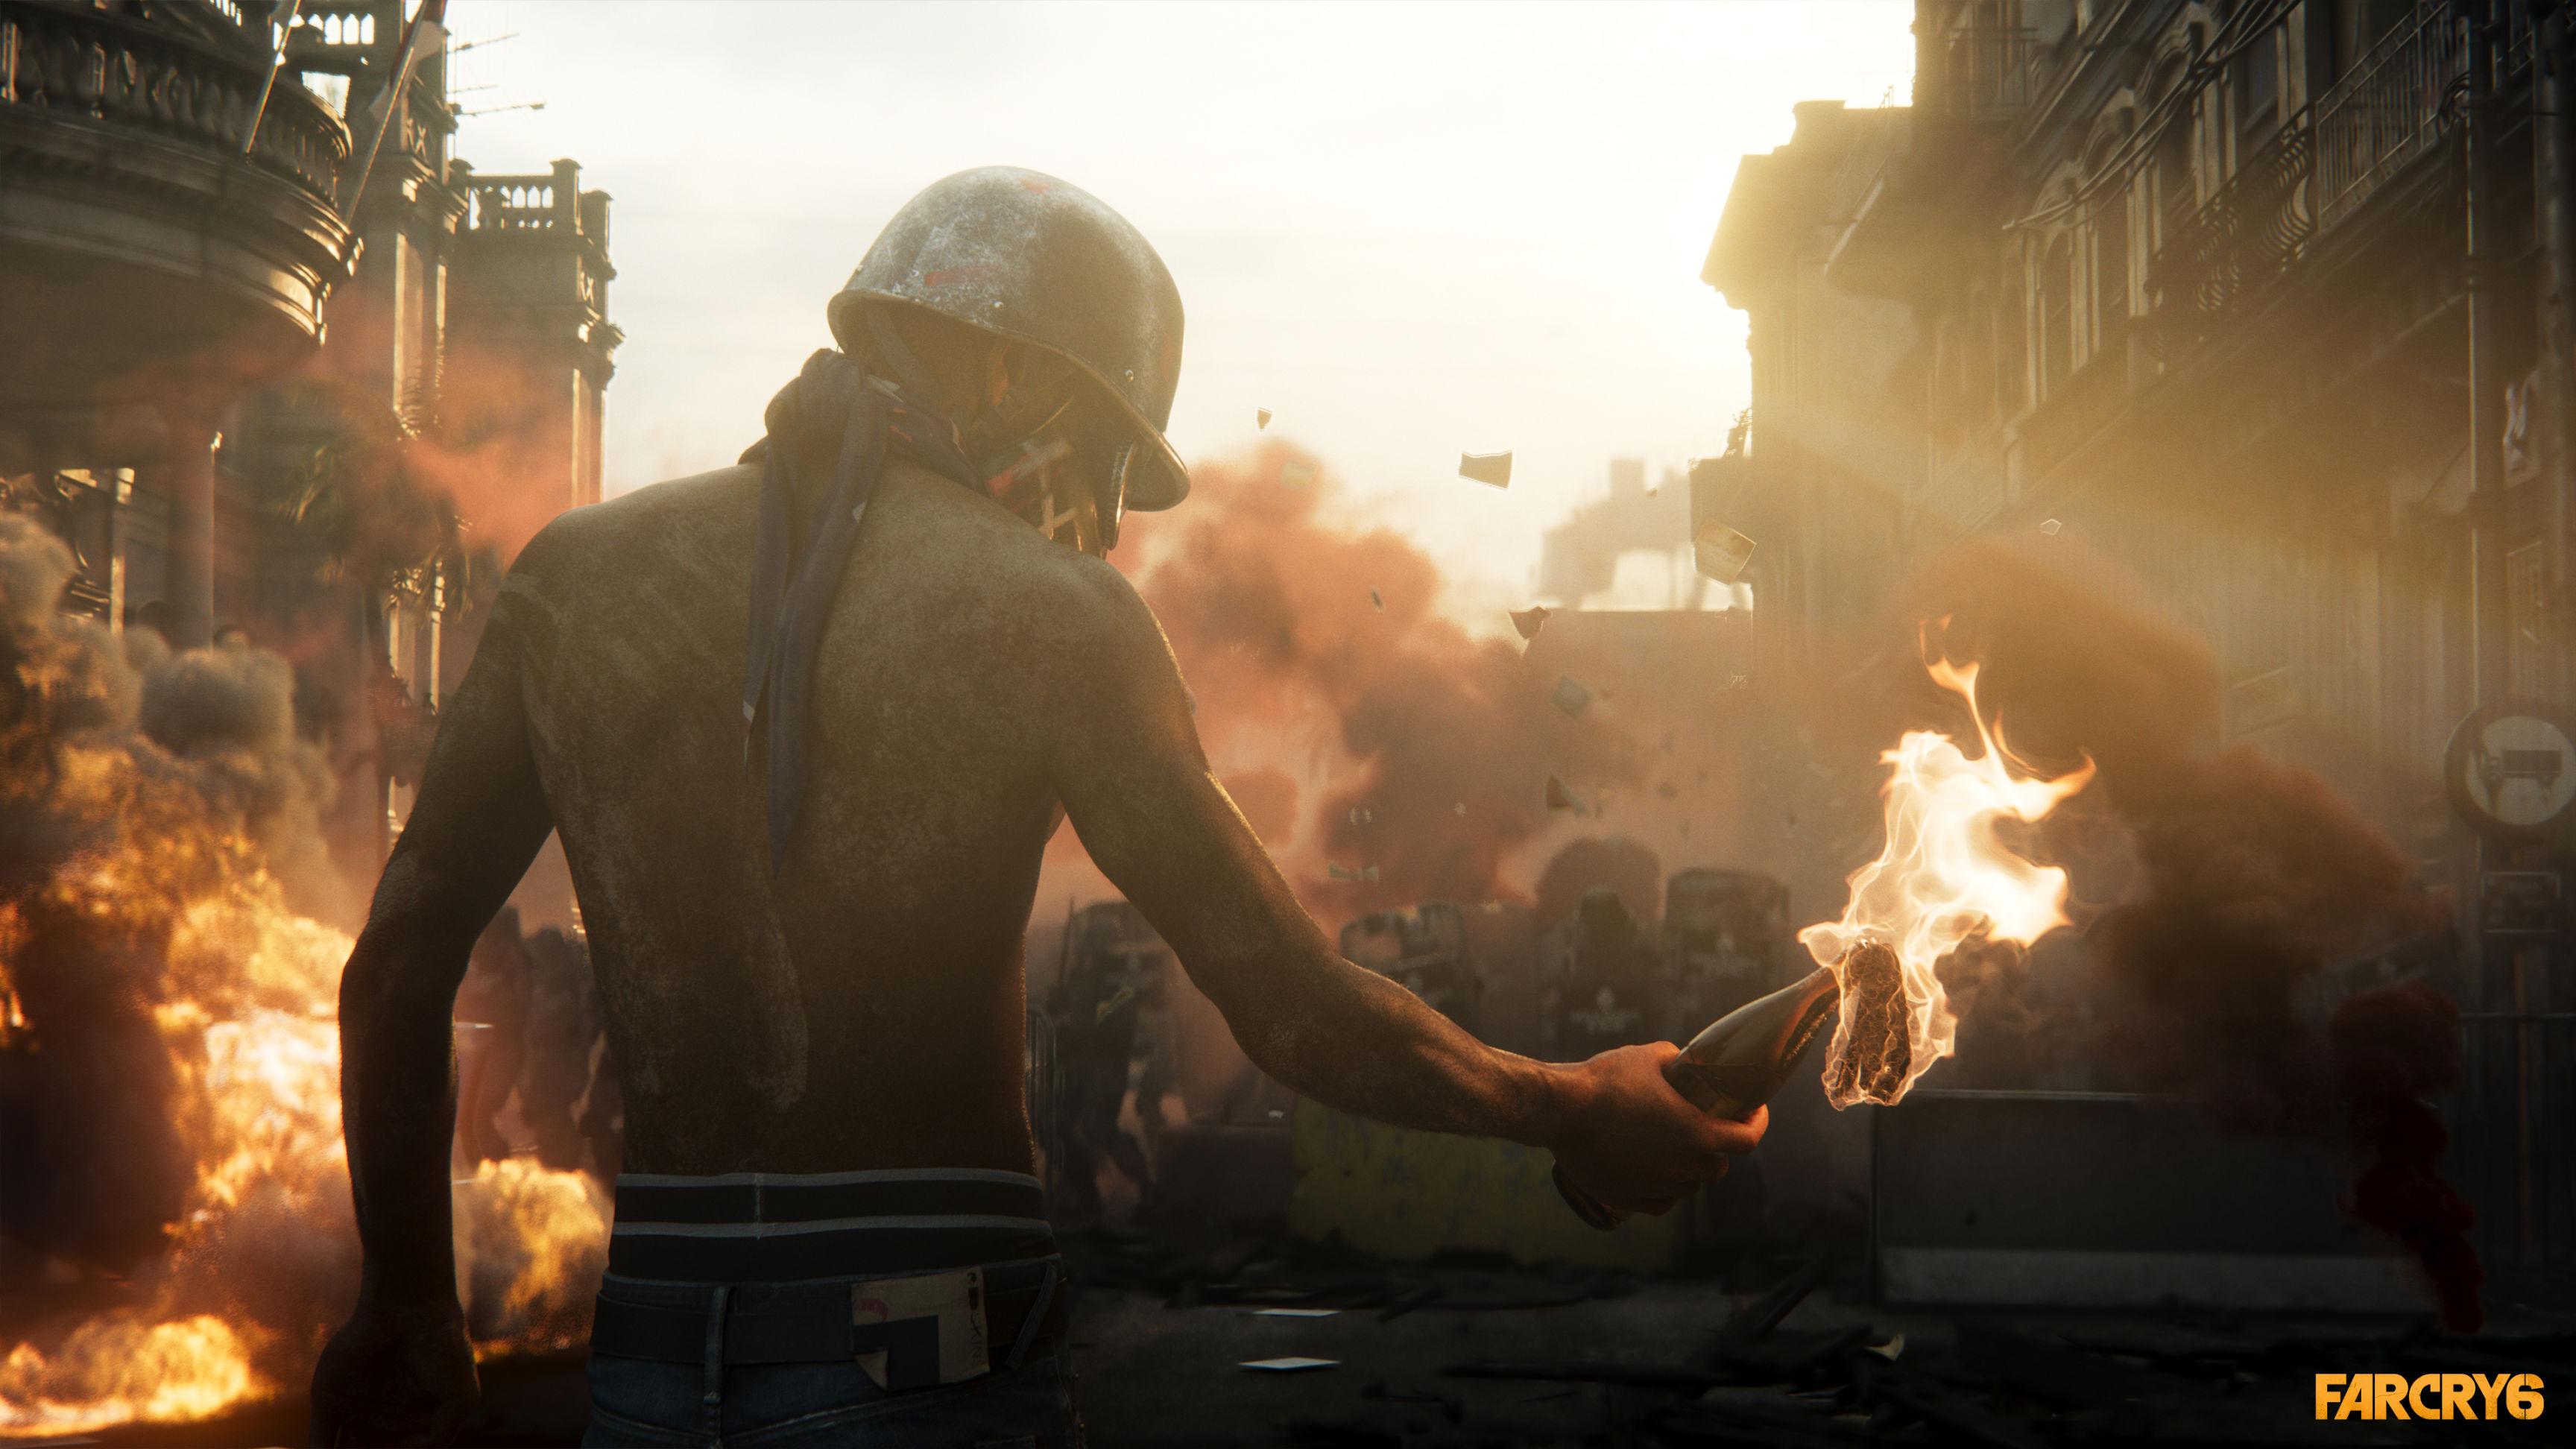 身为游击队员,则革命永不停息——《孤岛惊魂6》新手指南插图1